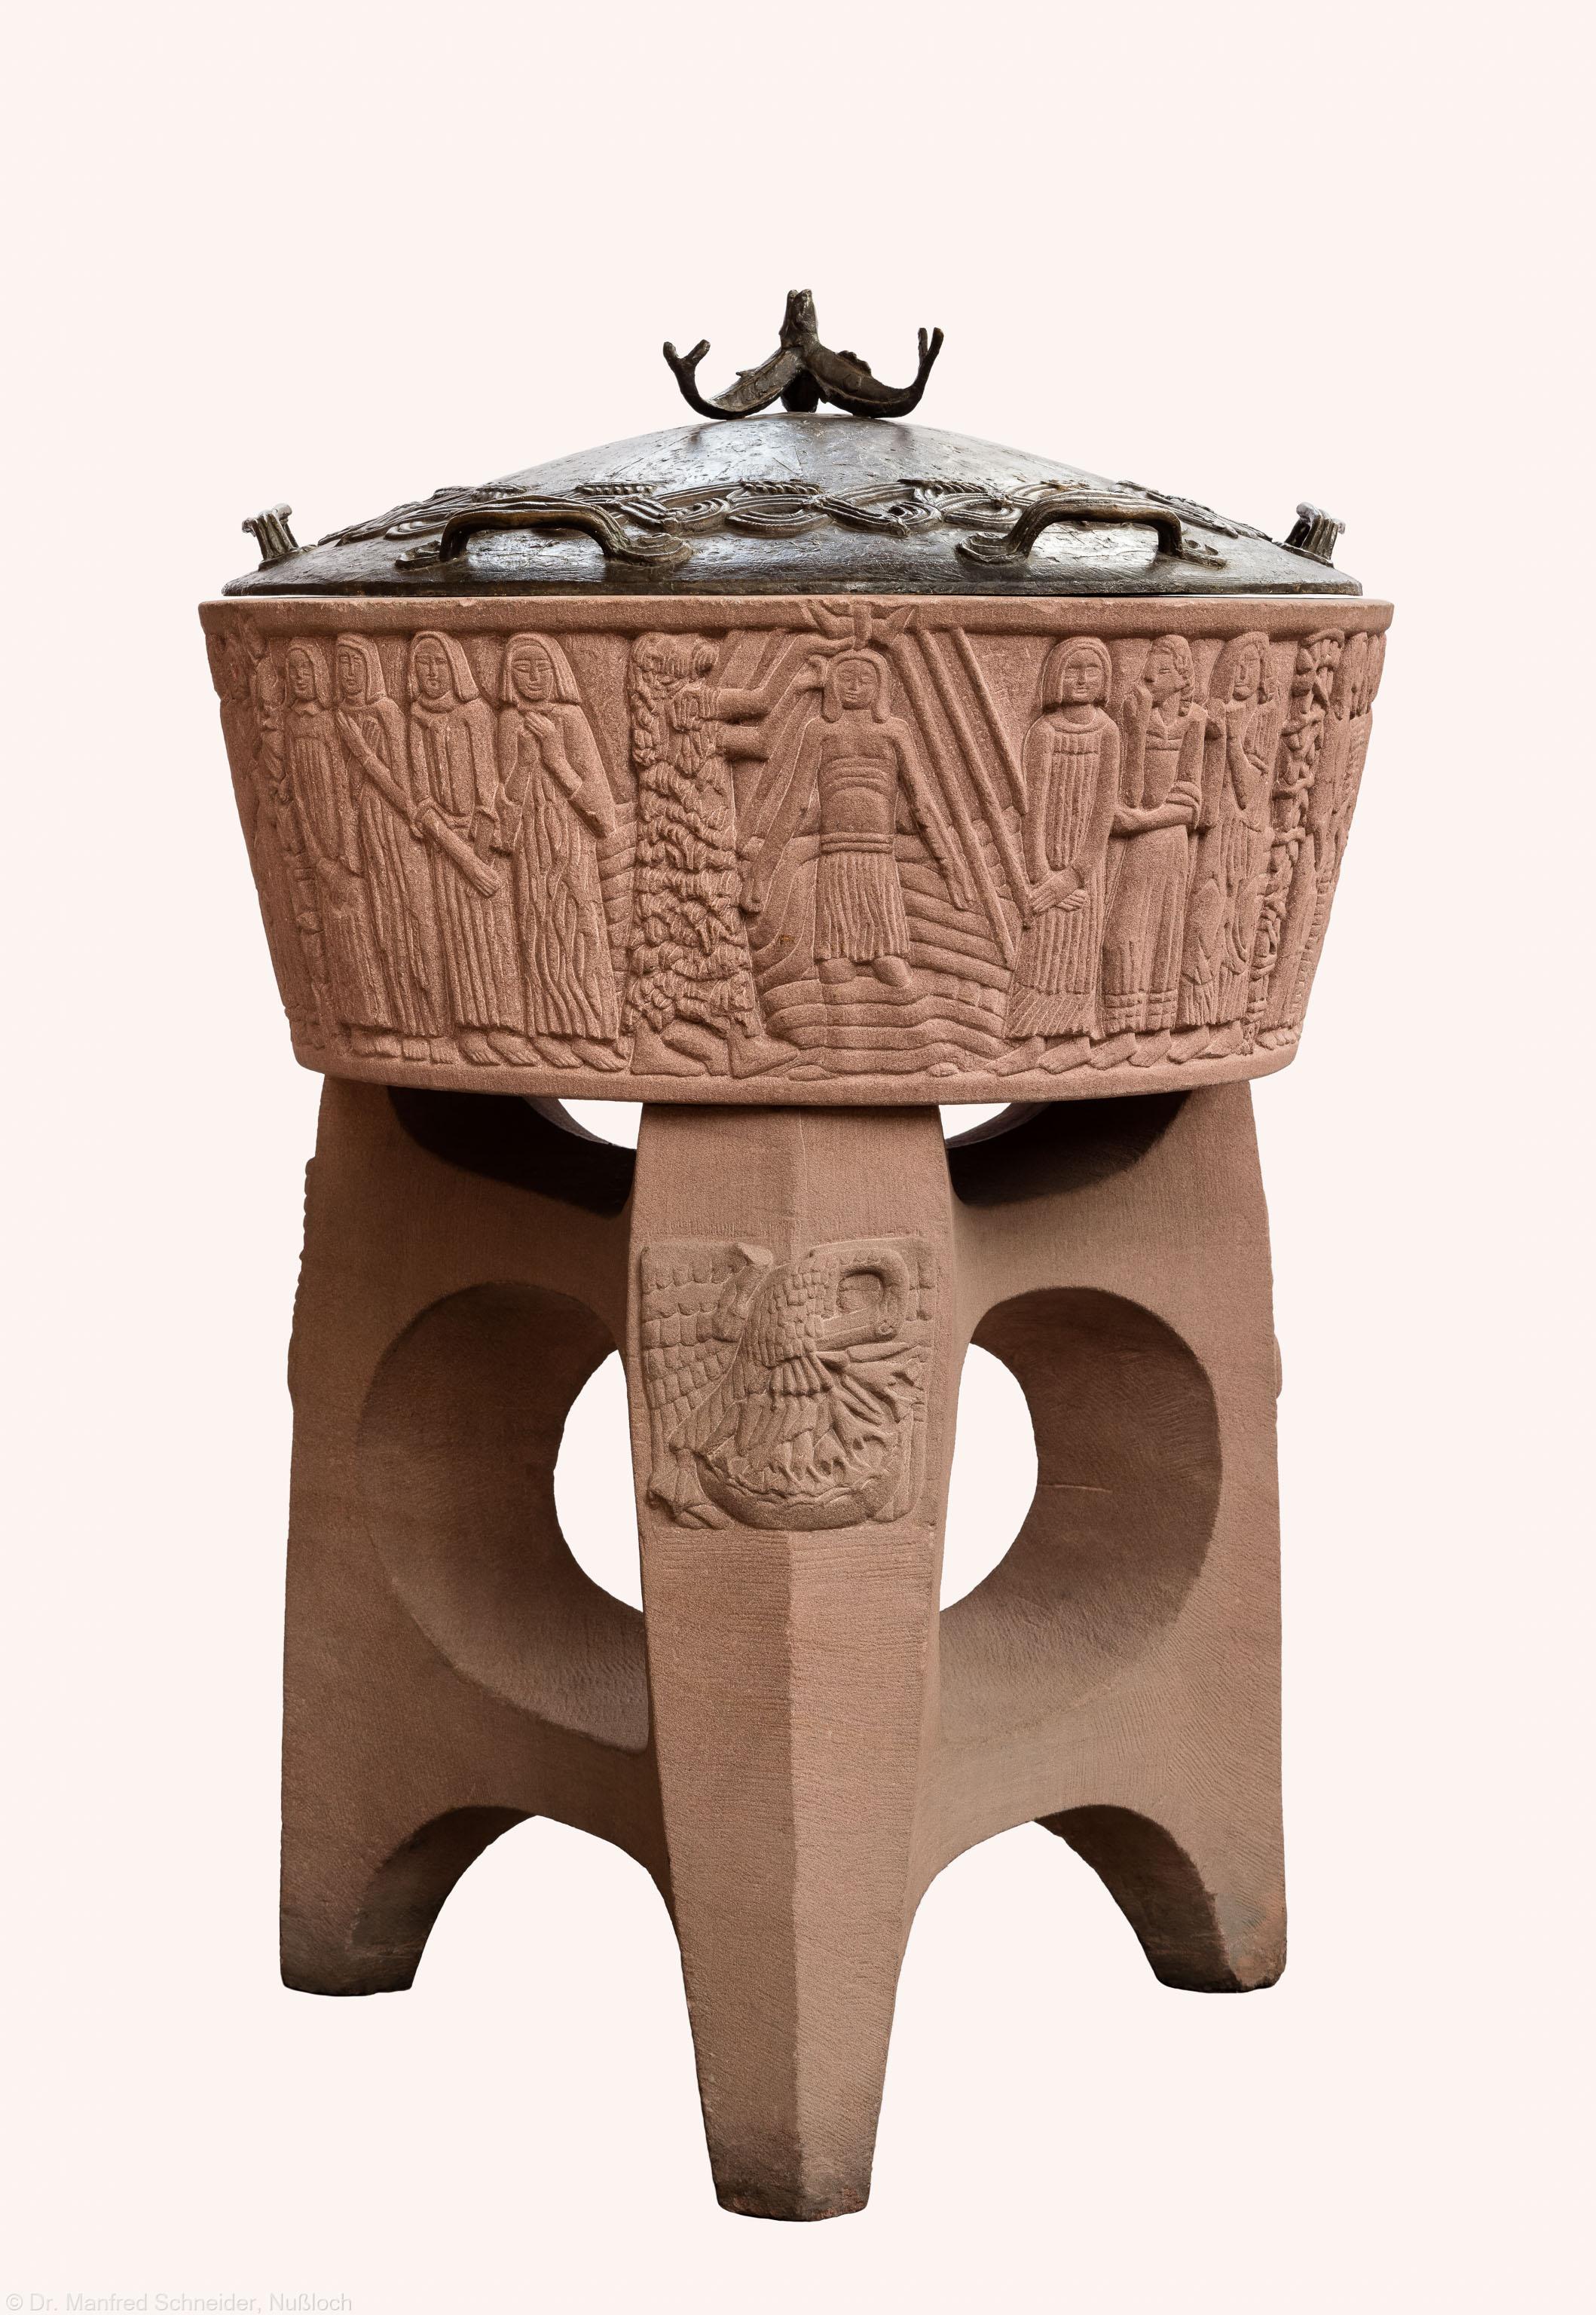 Heidelberg - Heiliggeistkirche - Altarbereich - Gesamtansicht des Taufbeckens von Edzard Hobbing (aufgenommen im September 2015, am frühen Nachmittag)